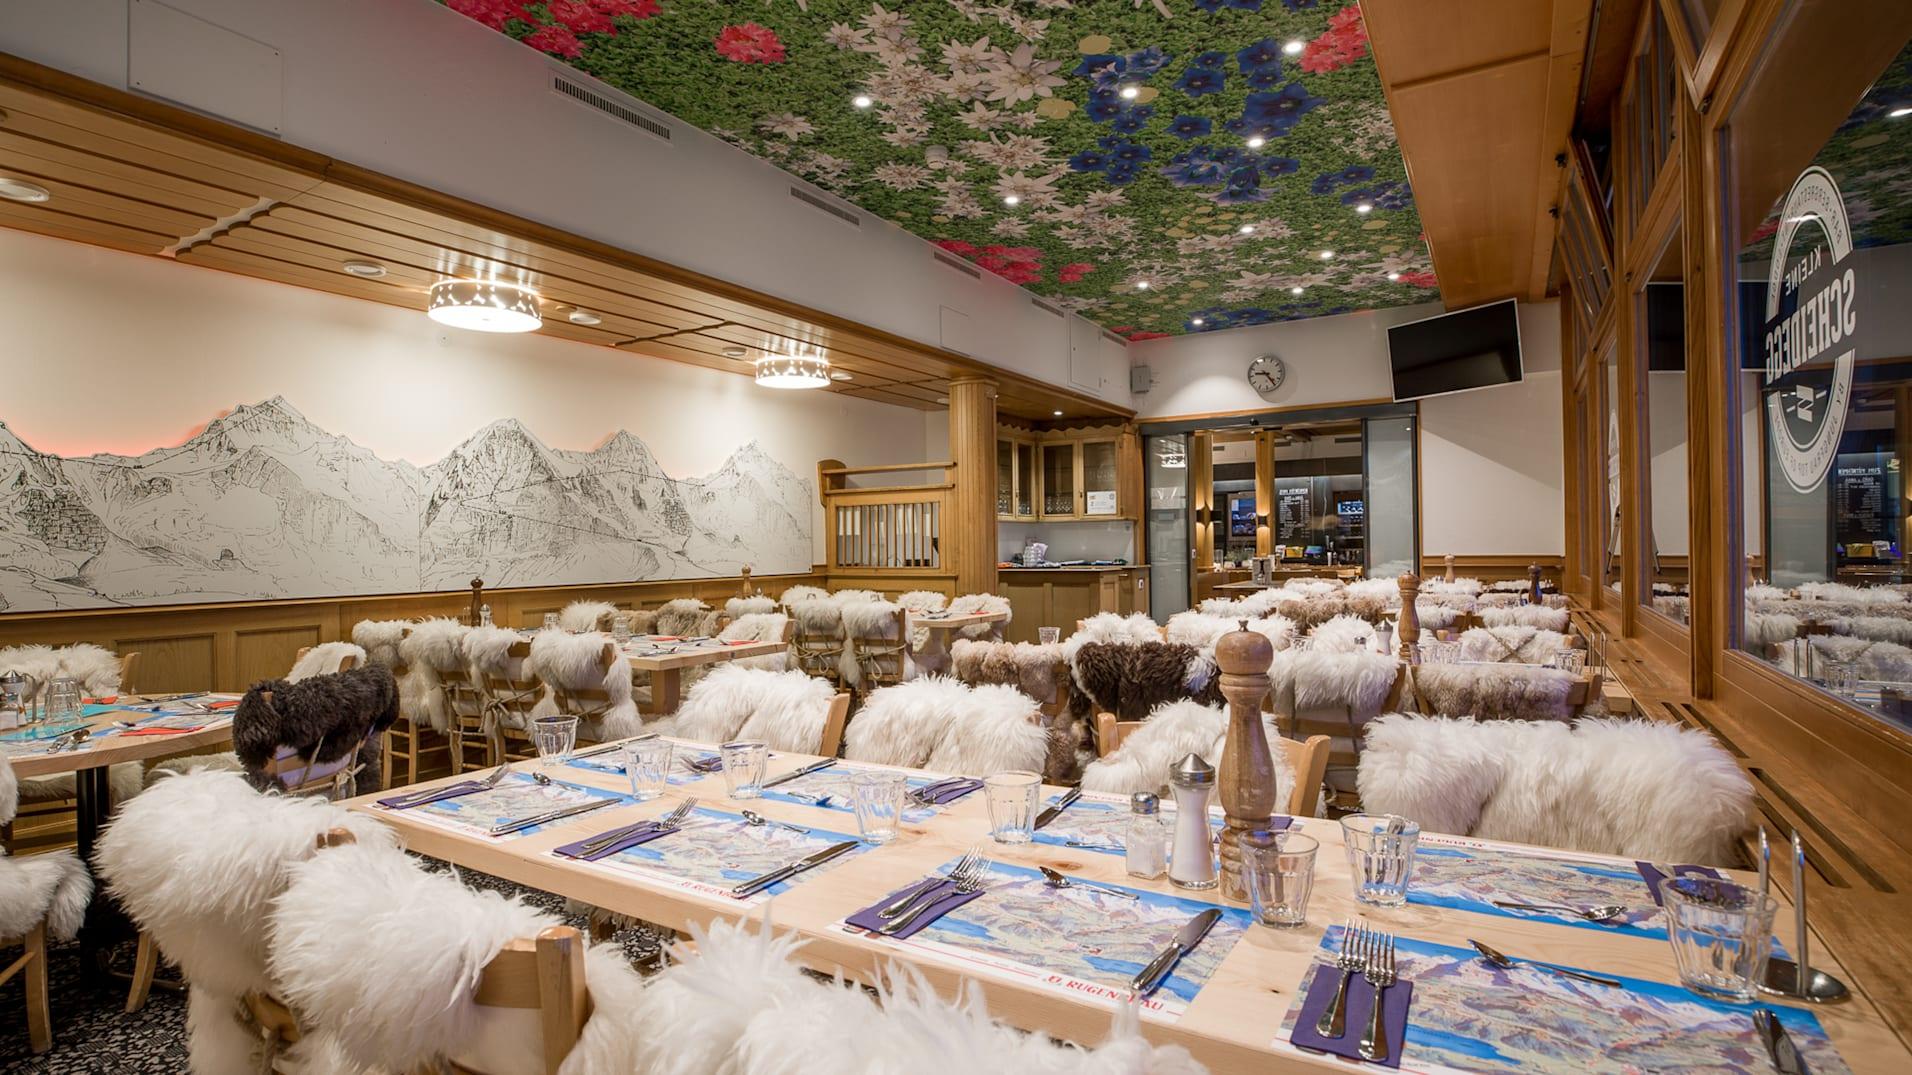 Restaurant de montagne Kleine-Scheidegg, gastro, salle intérieure, saison, Kleine-Scheidegg, été, jungfrau.ch/fr-ch